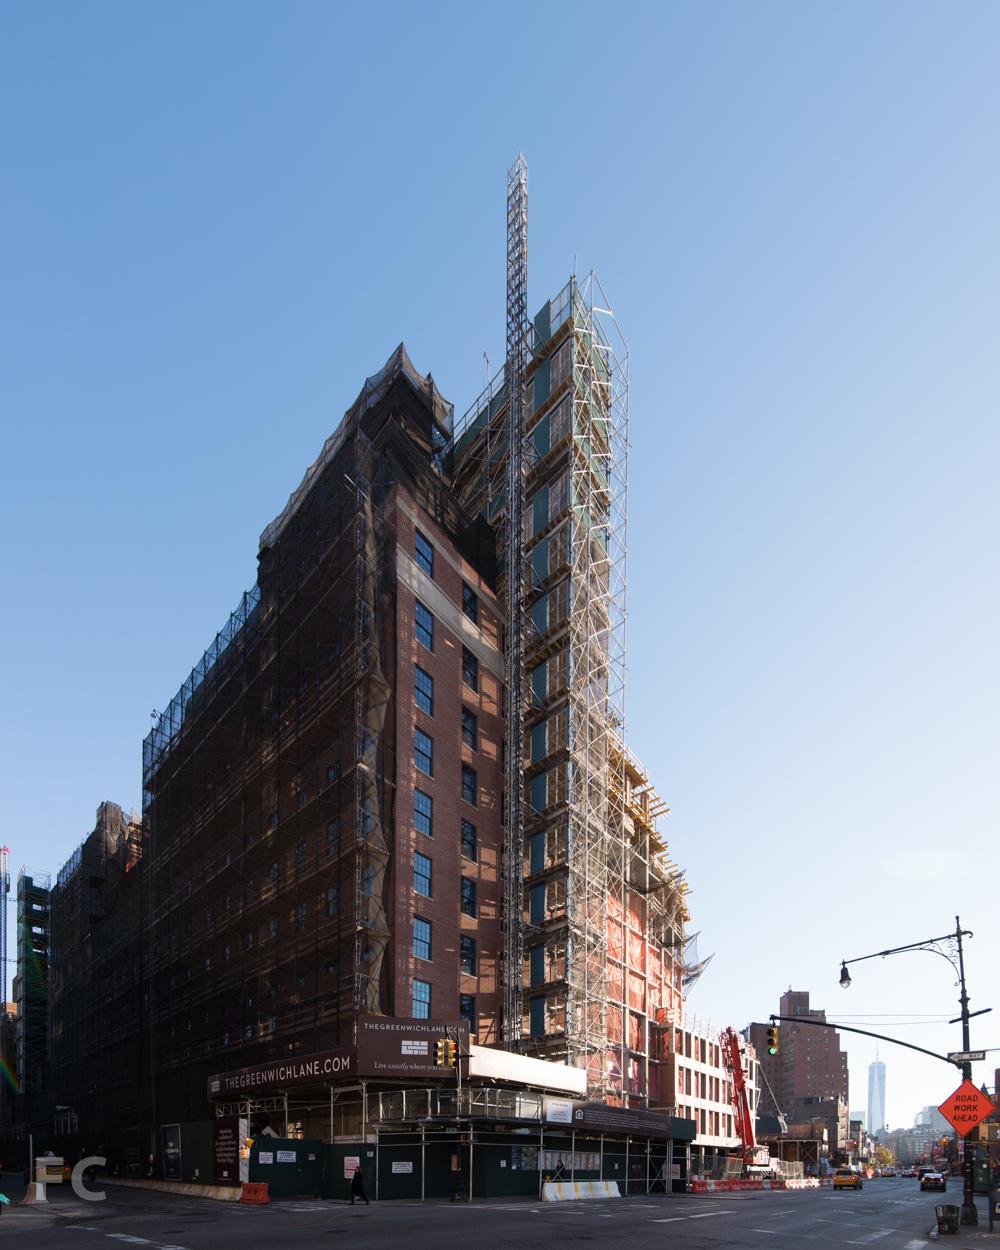 Northwest corner of 160 West 12th Street.